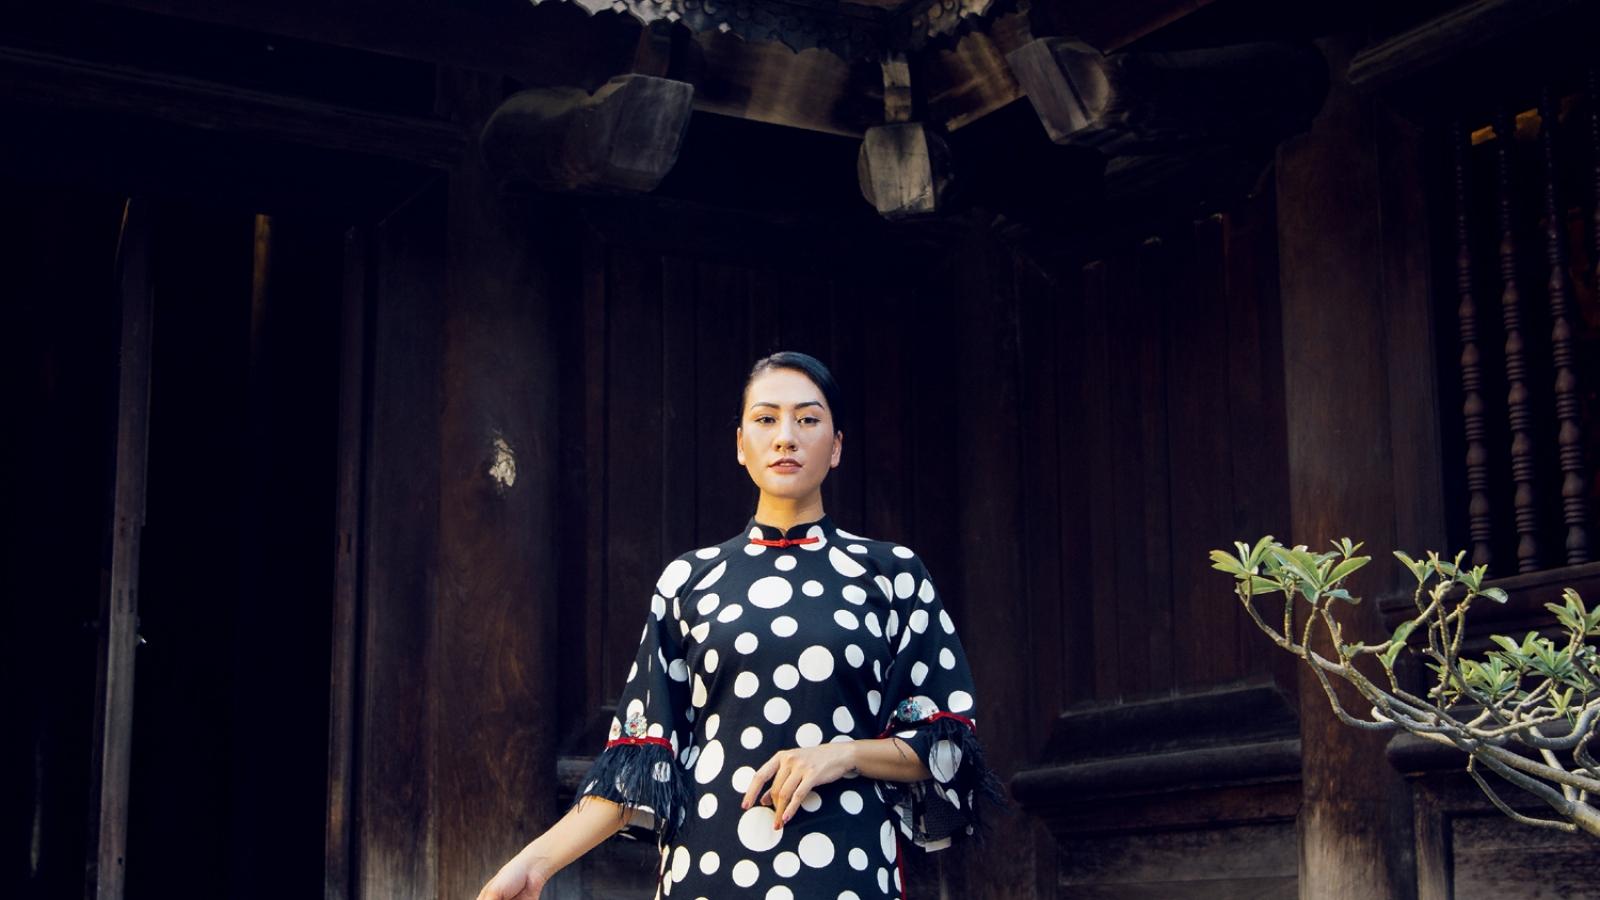 Bộ sưu tập áo dài lấy cảm hứng từ nghệ thuật bài chòi của NTK Cao Minh Tiến